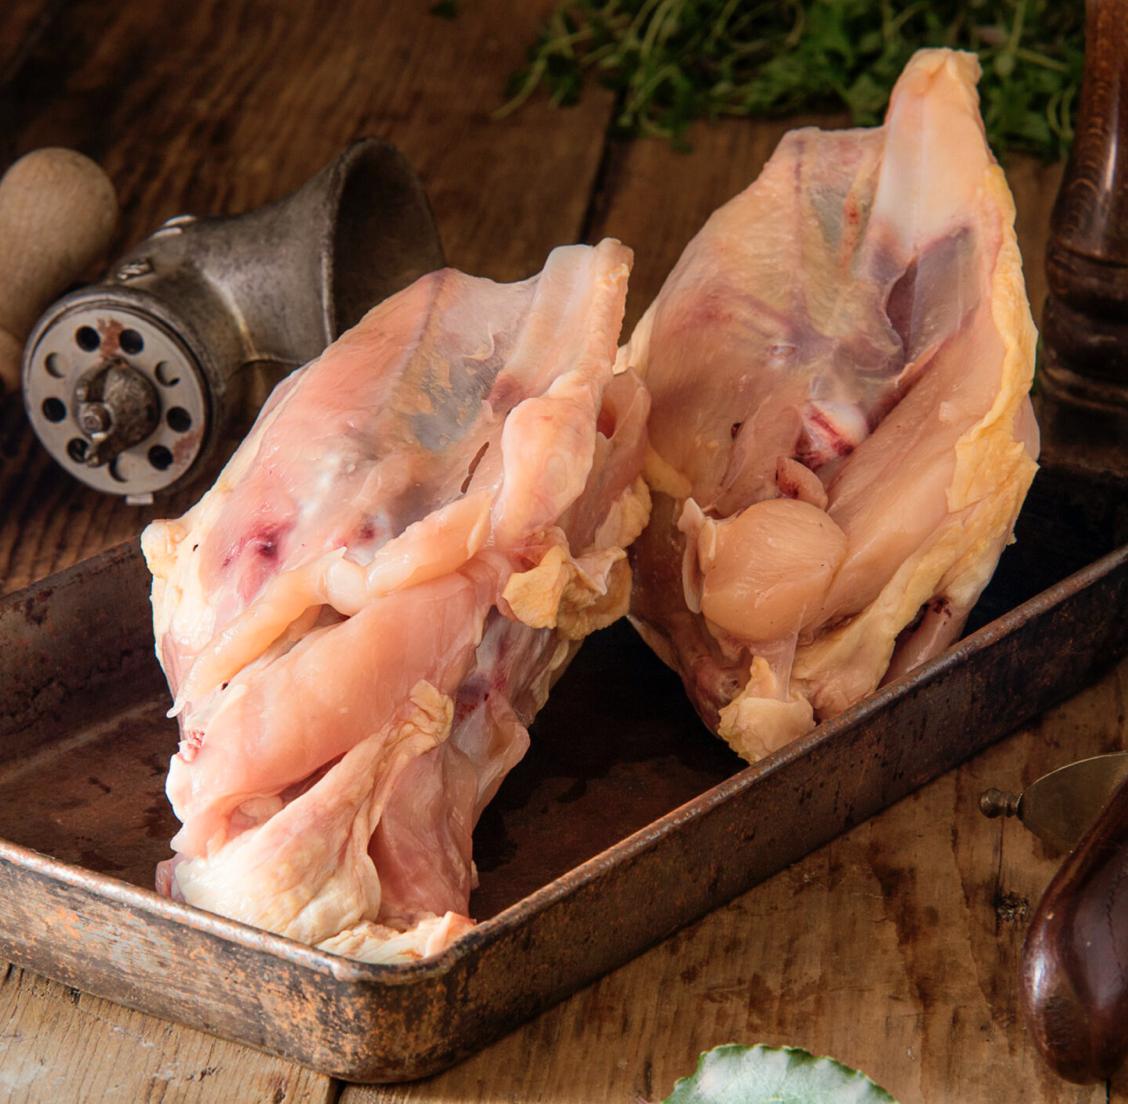 5kg Chicken carcass PRE ORDER